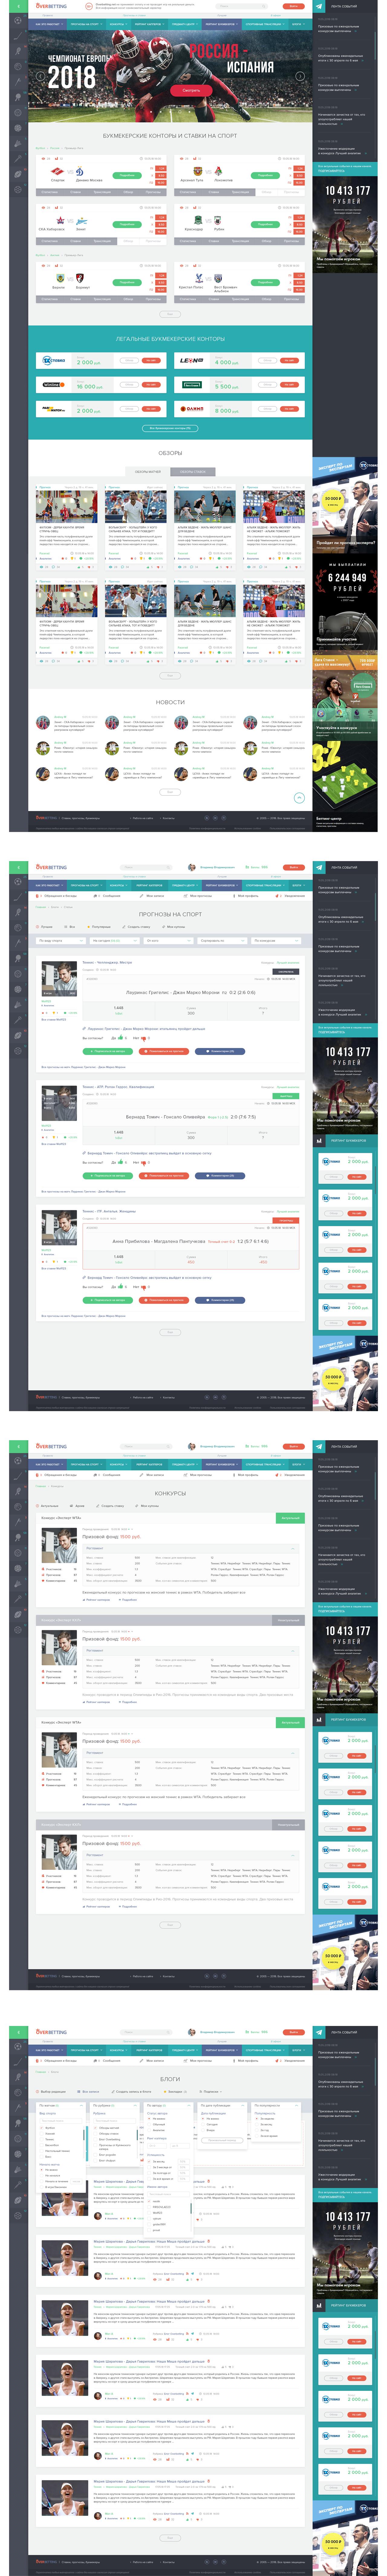 Адаптивный дизайн сайта-каталога букмекерских контор и ставок на спорт Overbetting